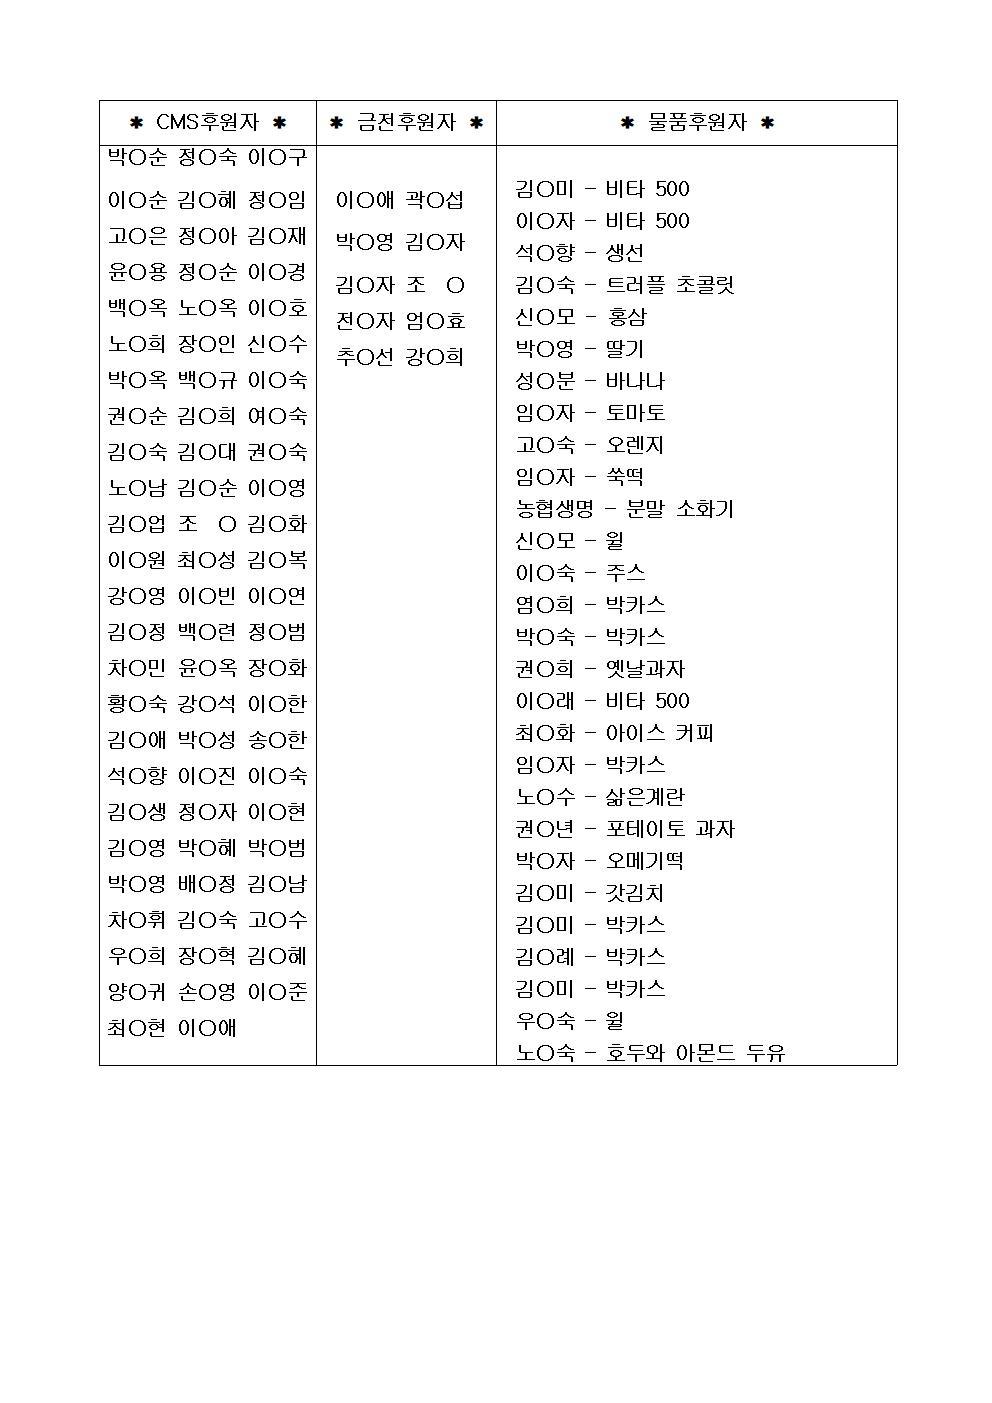 4월 금전CMS물품 후원 명단 홈피용001001.jpg